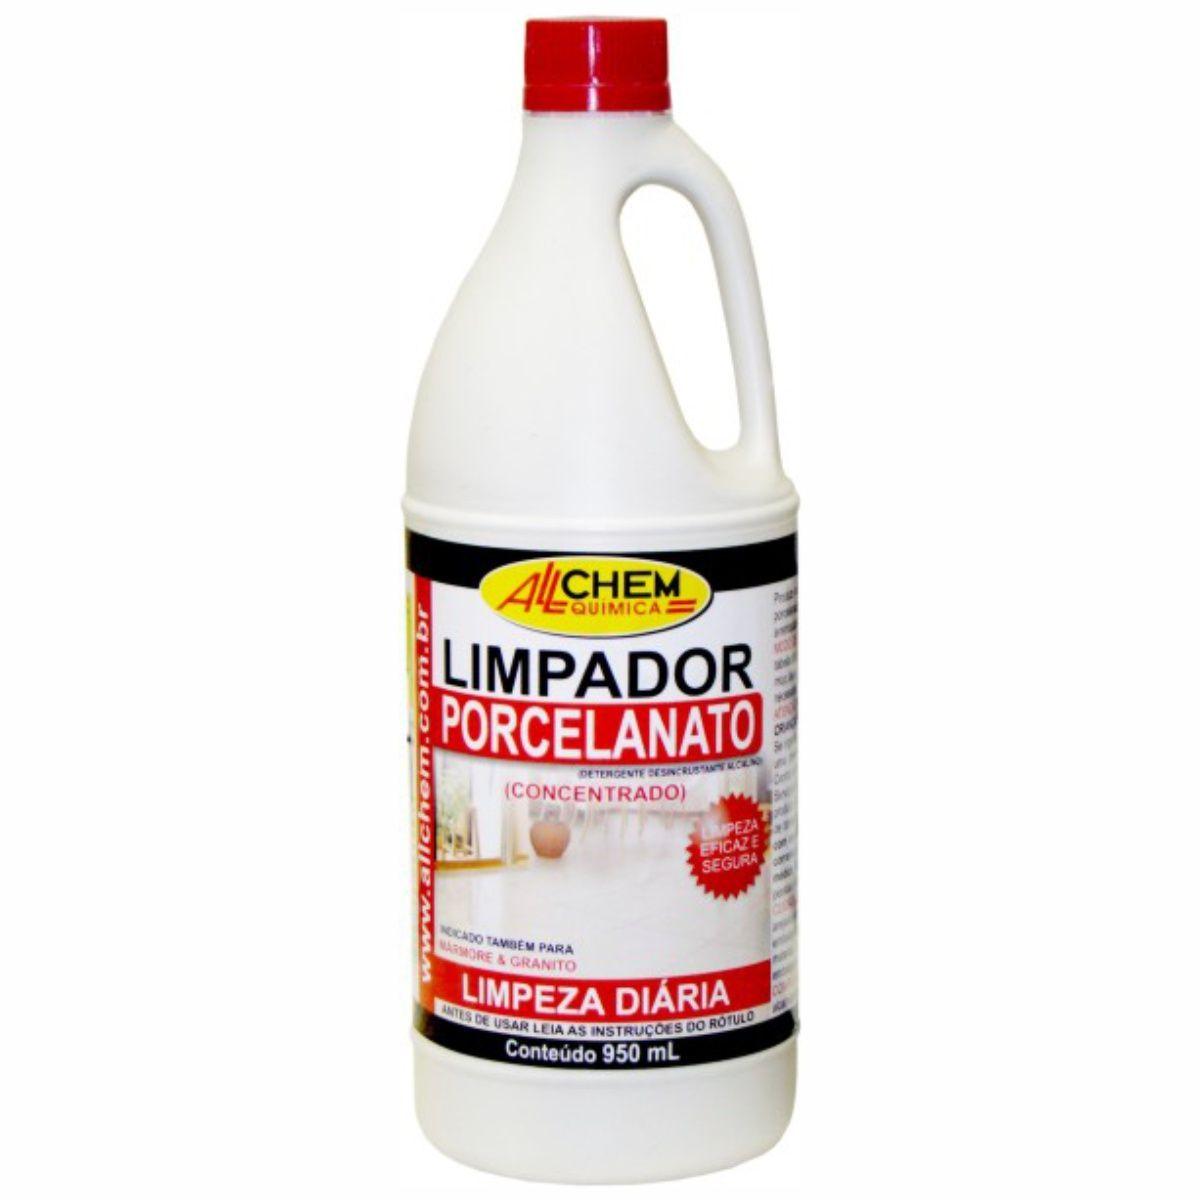 Limpador Porcelanato (Uso Diário) 12x950 mL